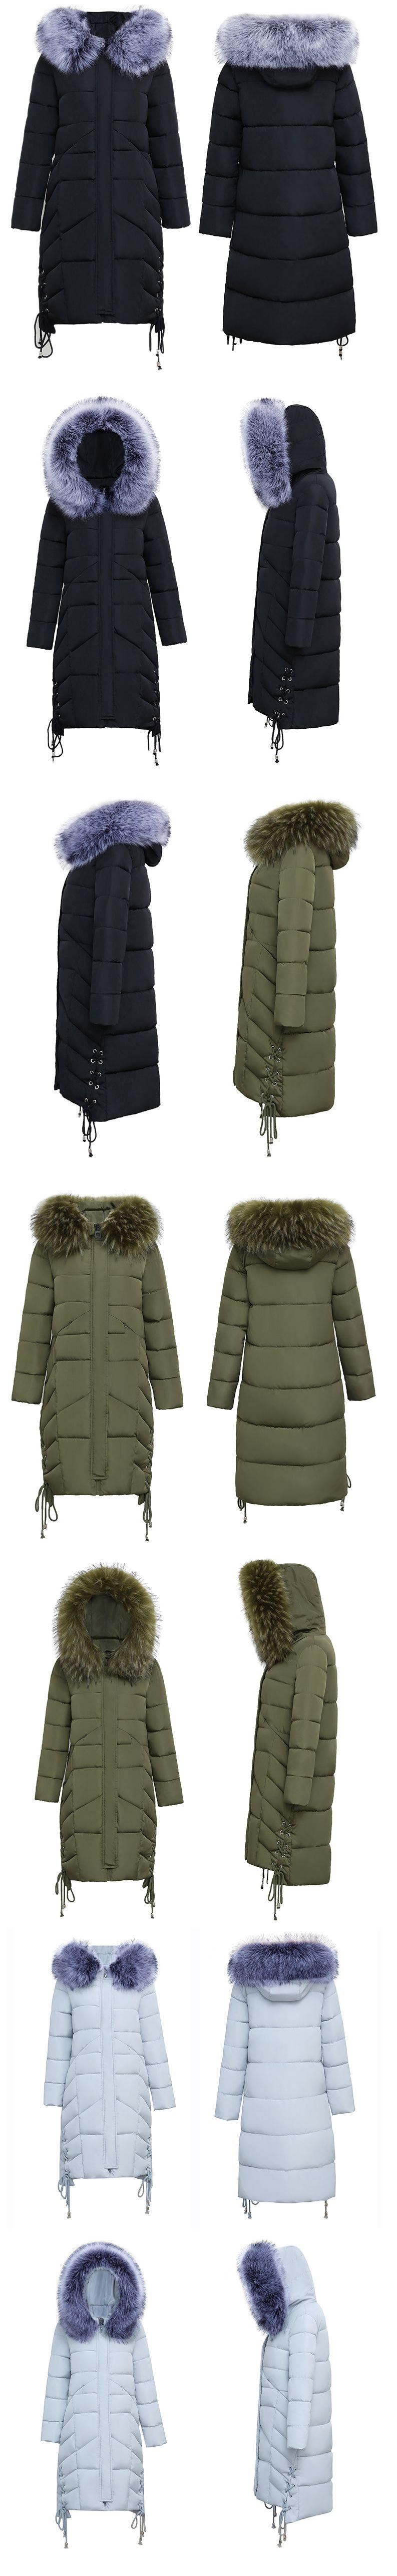 เสื้อแจ็คเก็ตโค้ทกันหนาวคลุมยาว